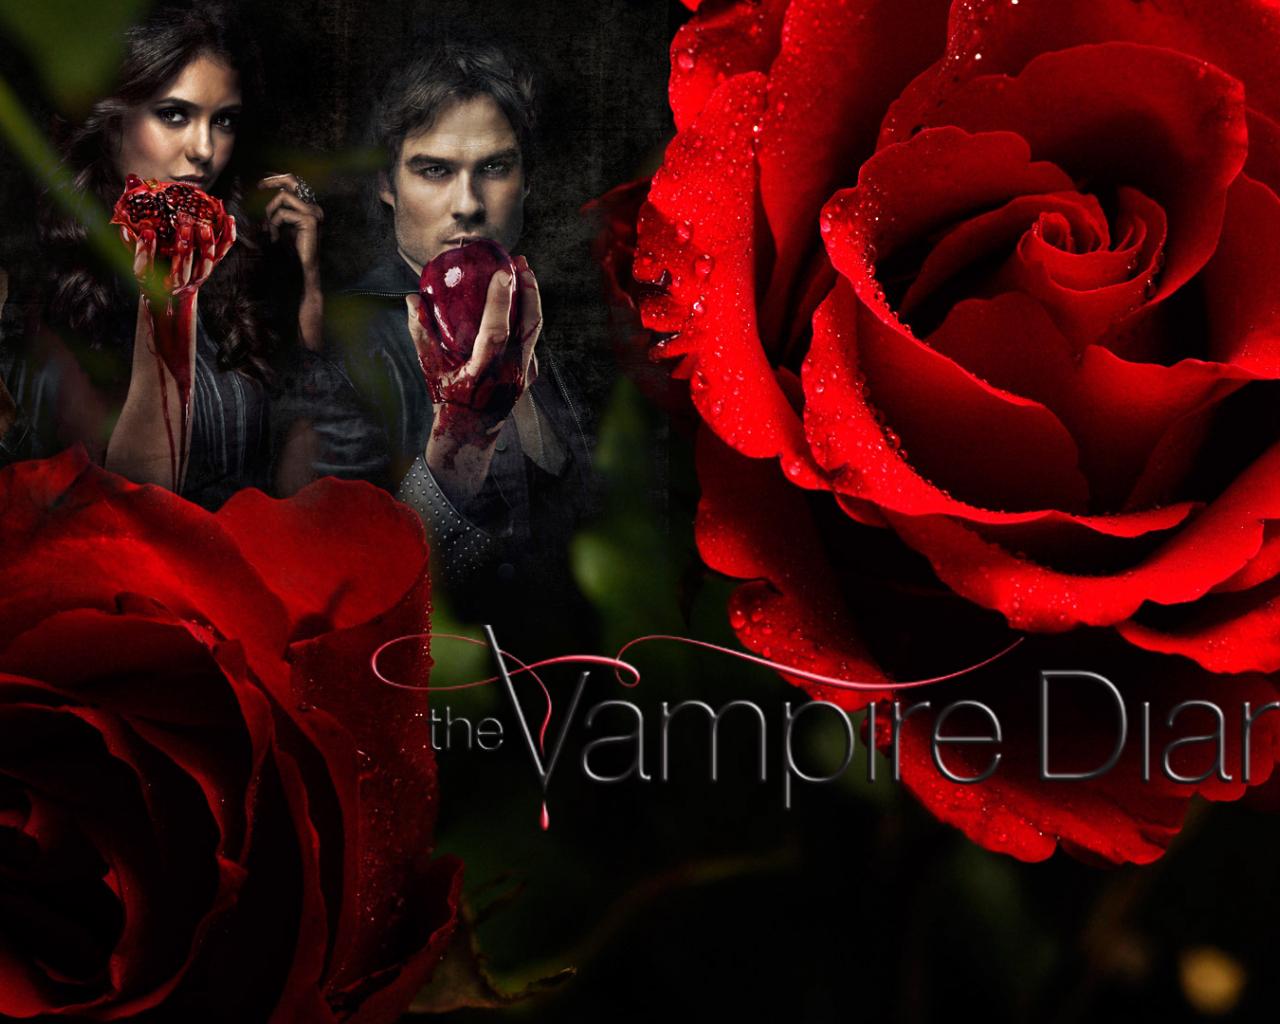 Free Download Vampire Diaries Fan Art The Vampire Diaries Wallpaper 1920x1080 For Your Desktop Mobile Tablet Explore 78 The Vampire Diaries Damon Wallpaper The Cw Vampire Diaries Wallpapers Vampire